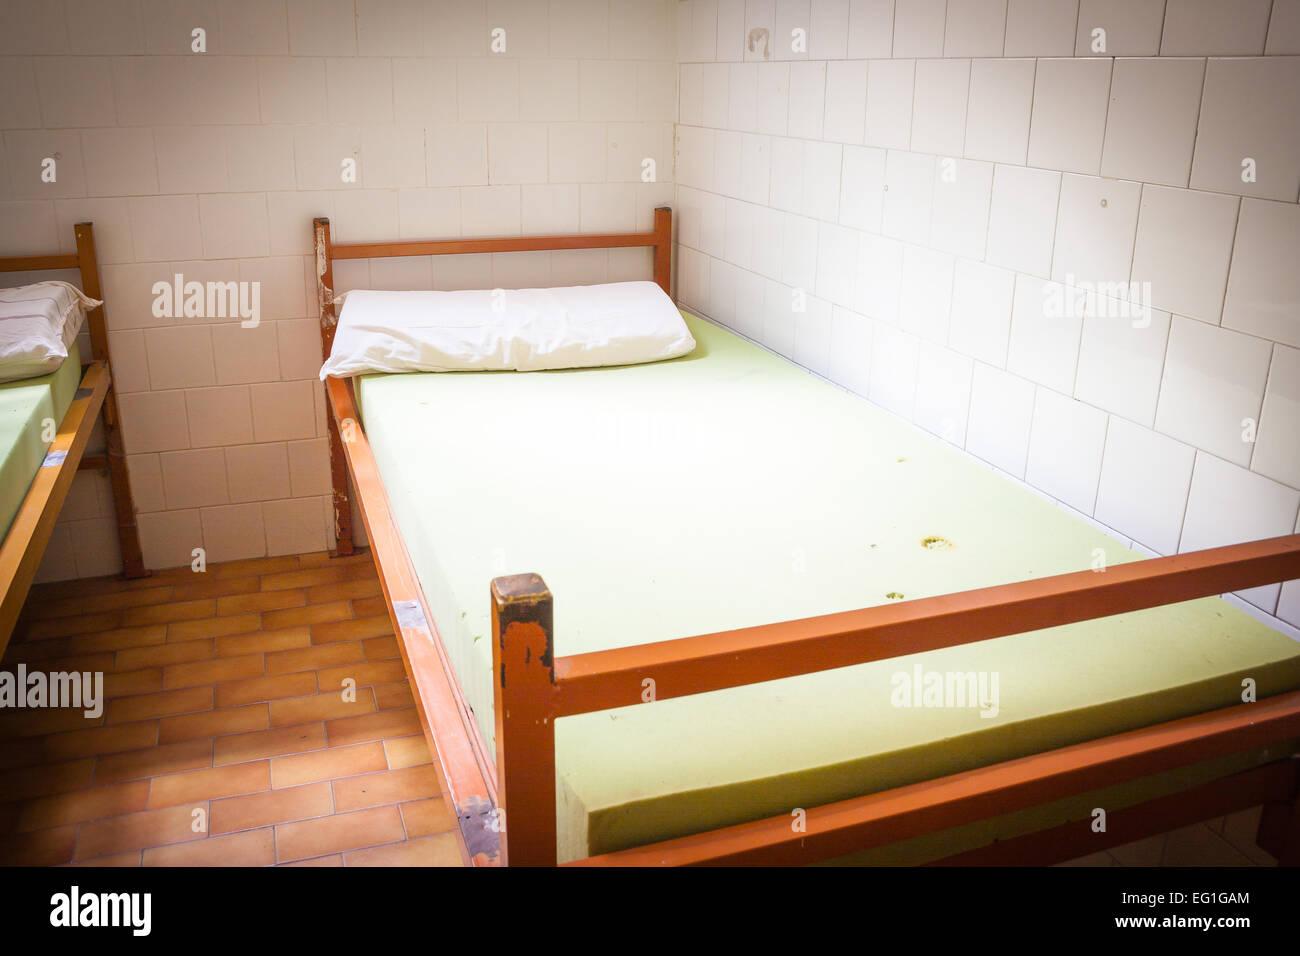 Old psychiatric hospital. Old bed in psychiatric ward Stock Photo